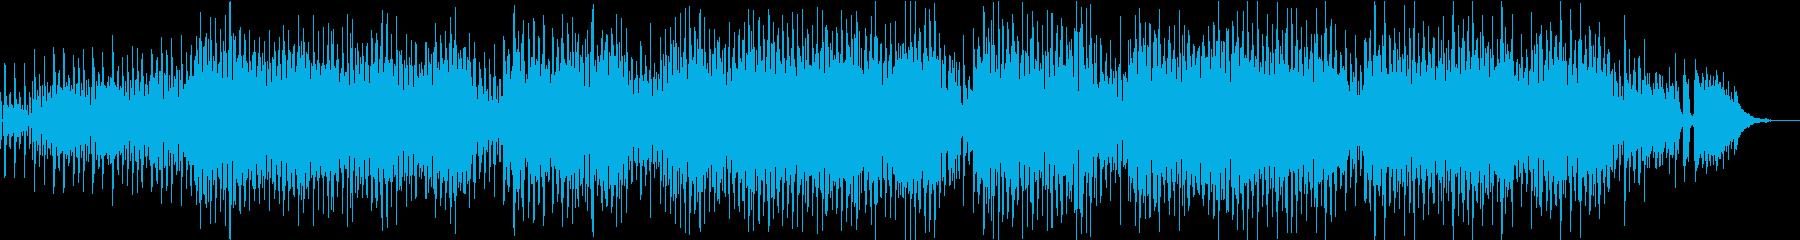 おちゃらけた歌詞のほのぼのポップスの再生済みの波形